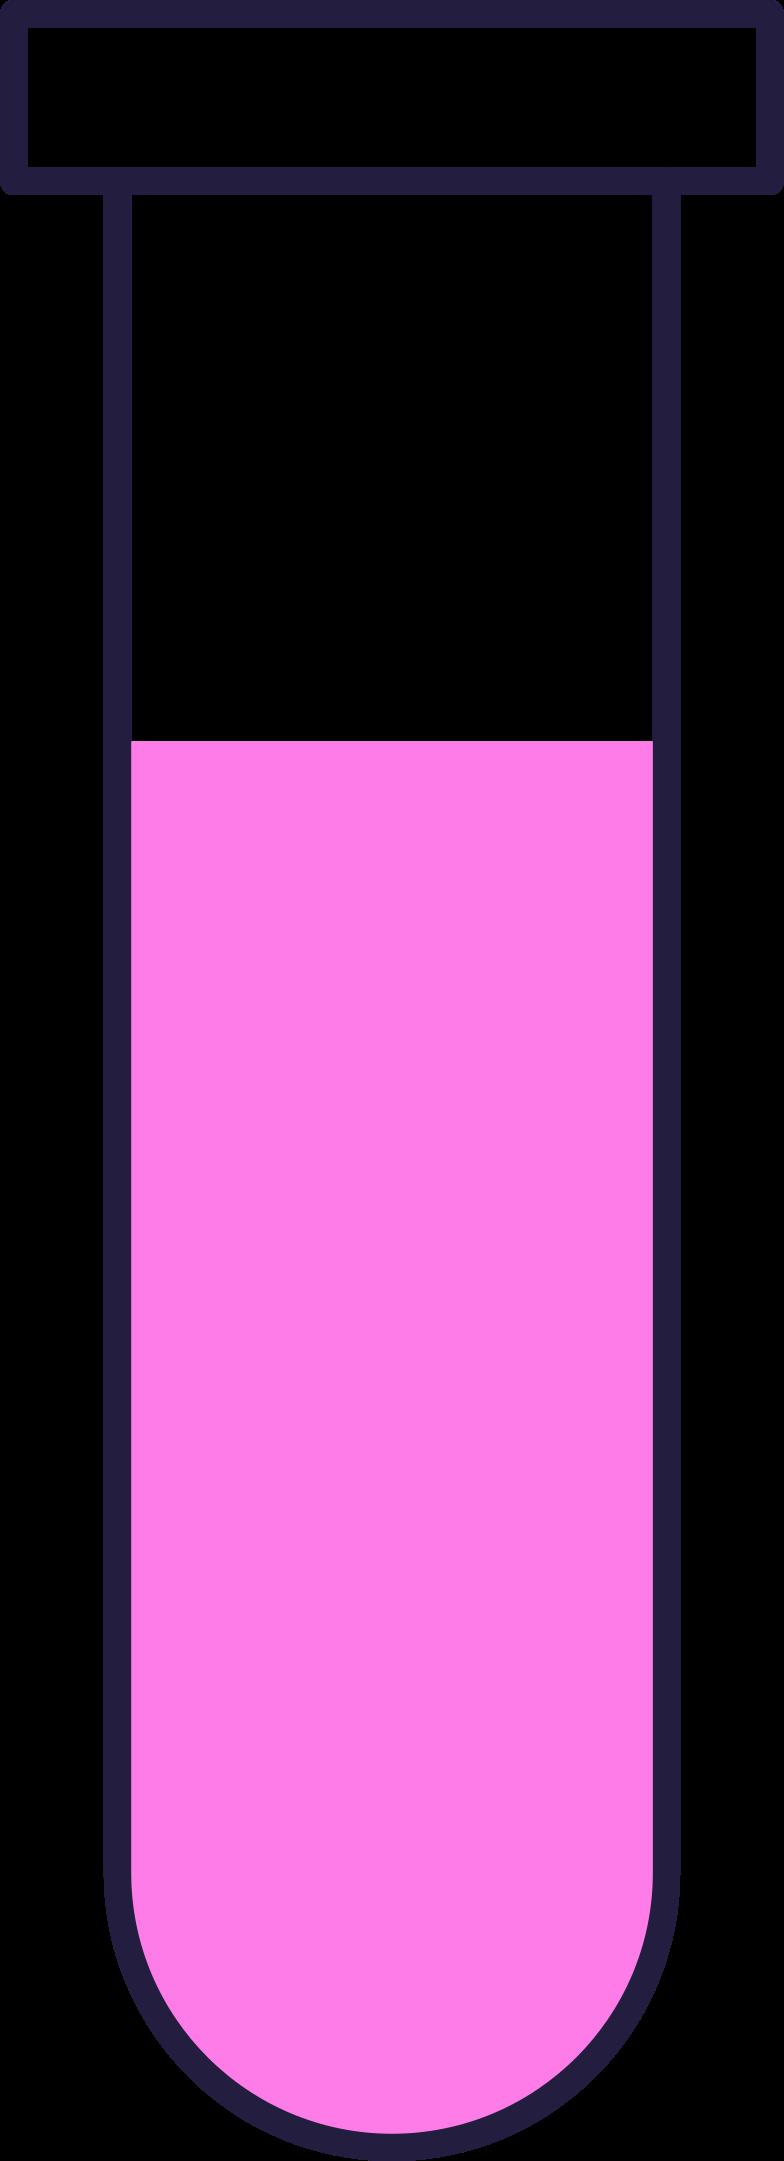 testtube flask Clipart illustration in PNG, SVG